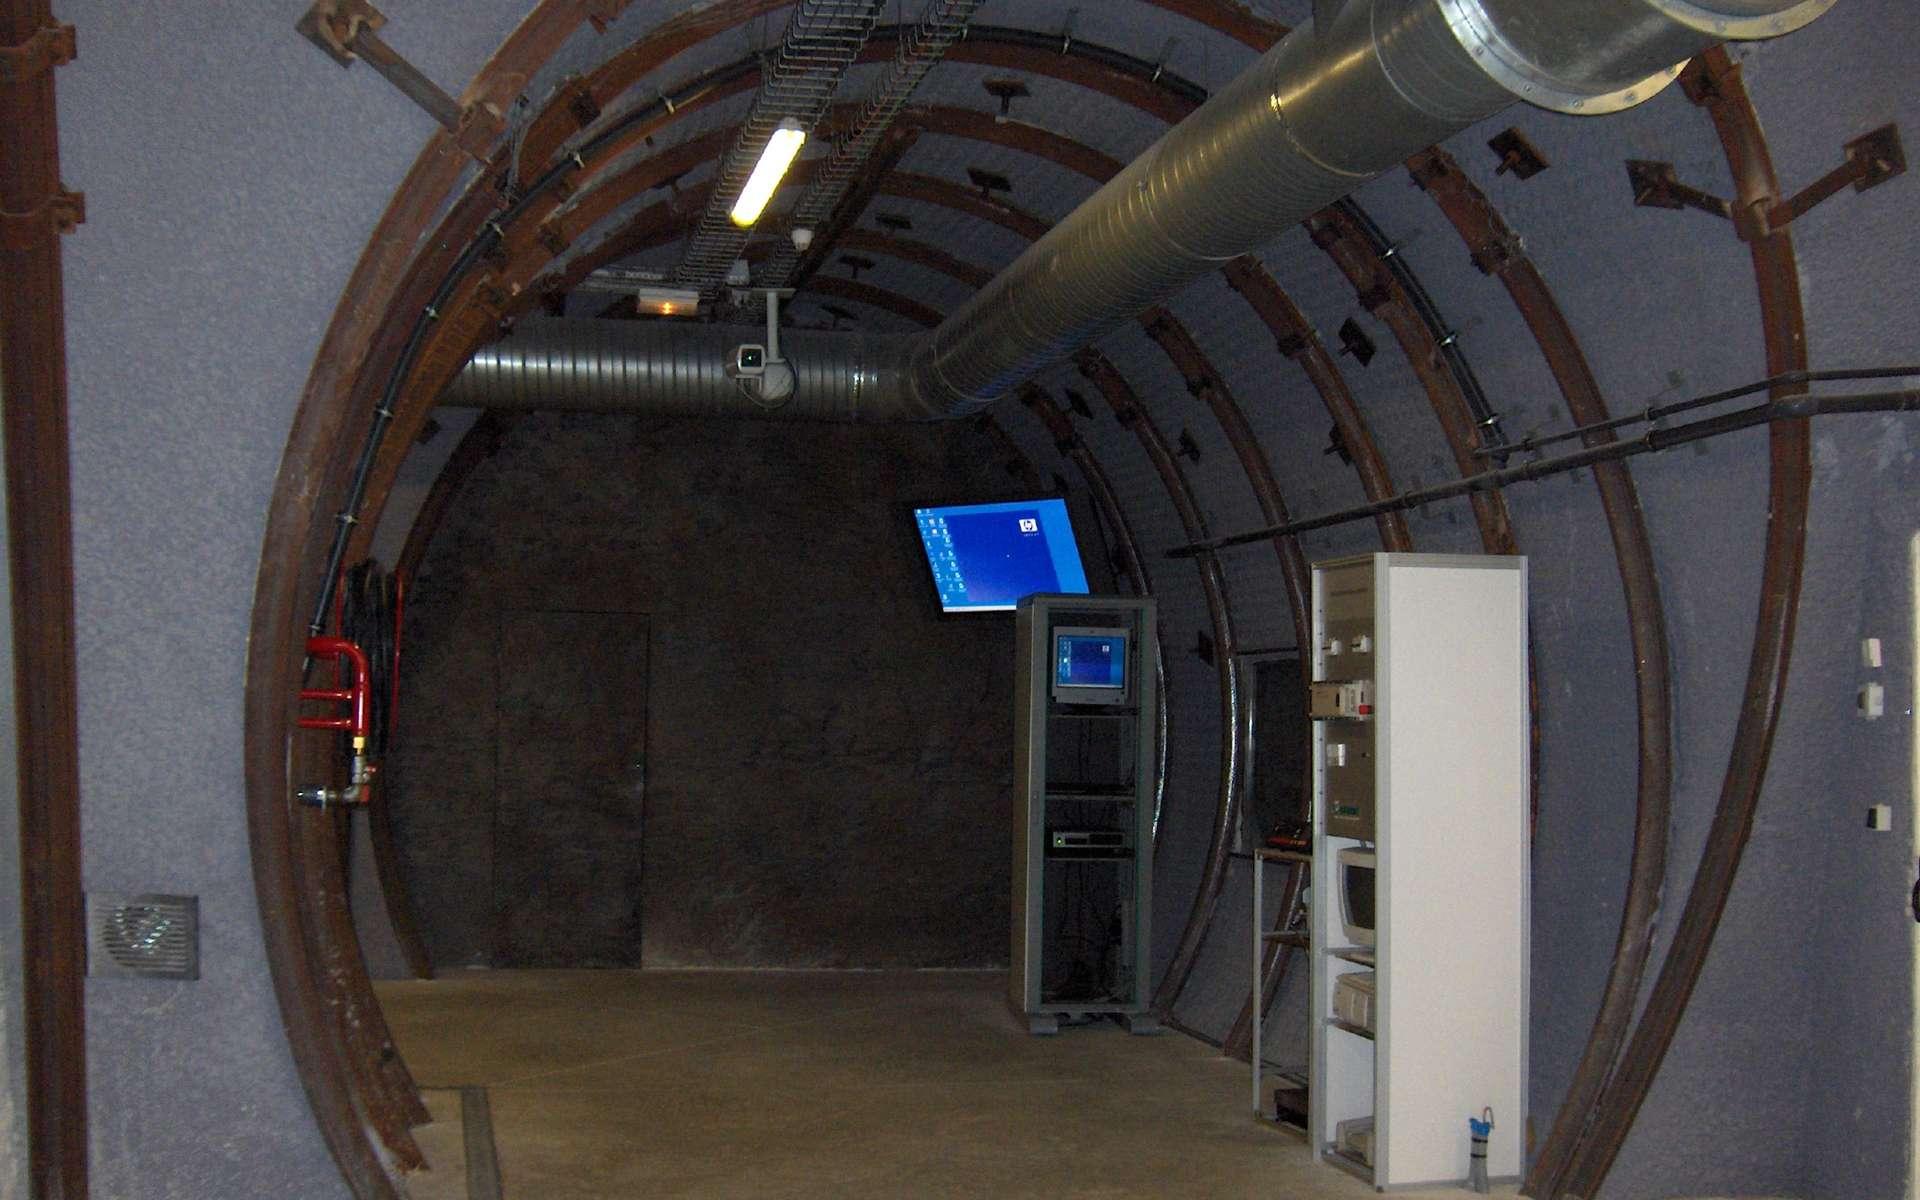 Le Laboratoire de Bure comprend aussi des installations en surface, où les visiteurs peuvent notamment venir observer cette maquette d'une galerie souterraine. © Ji-Elle, Wikimedia Commons